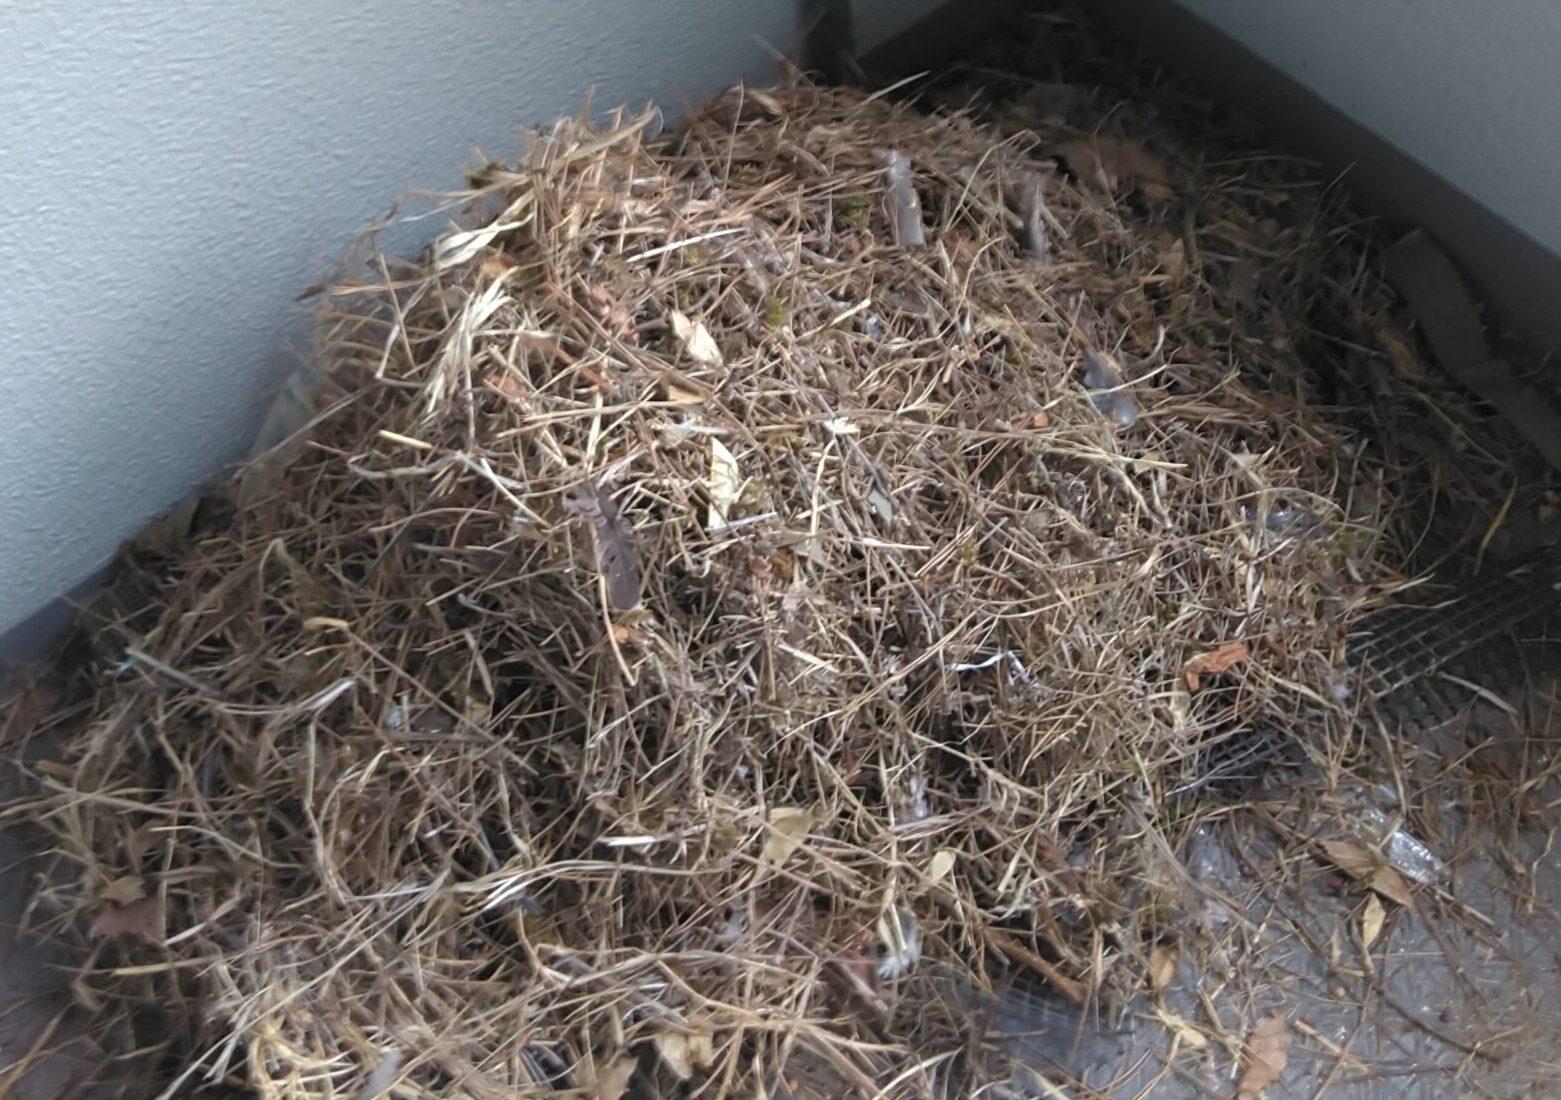 千葉県千葉市のN様の害鳥駆除:施工後